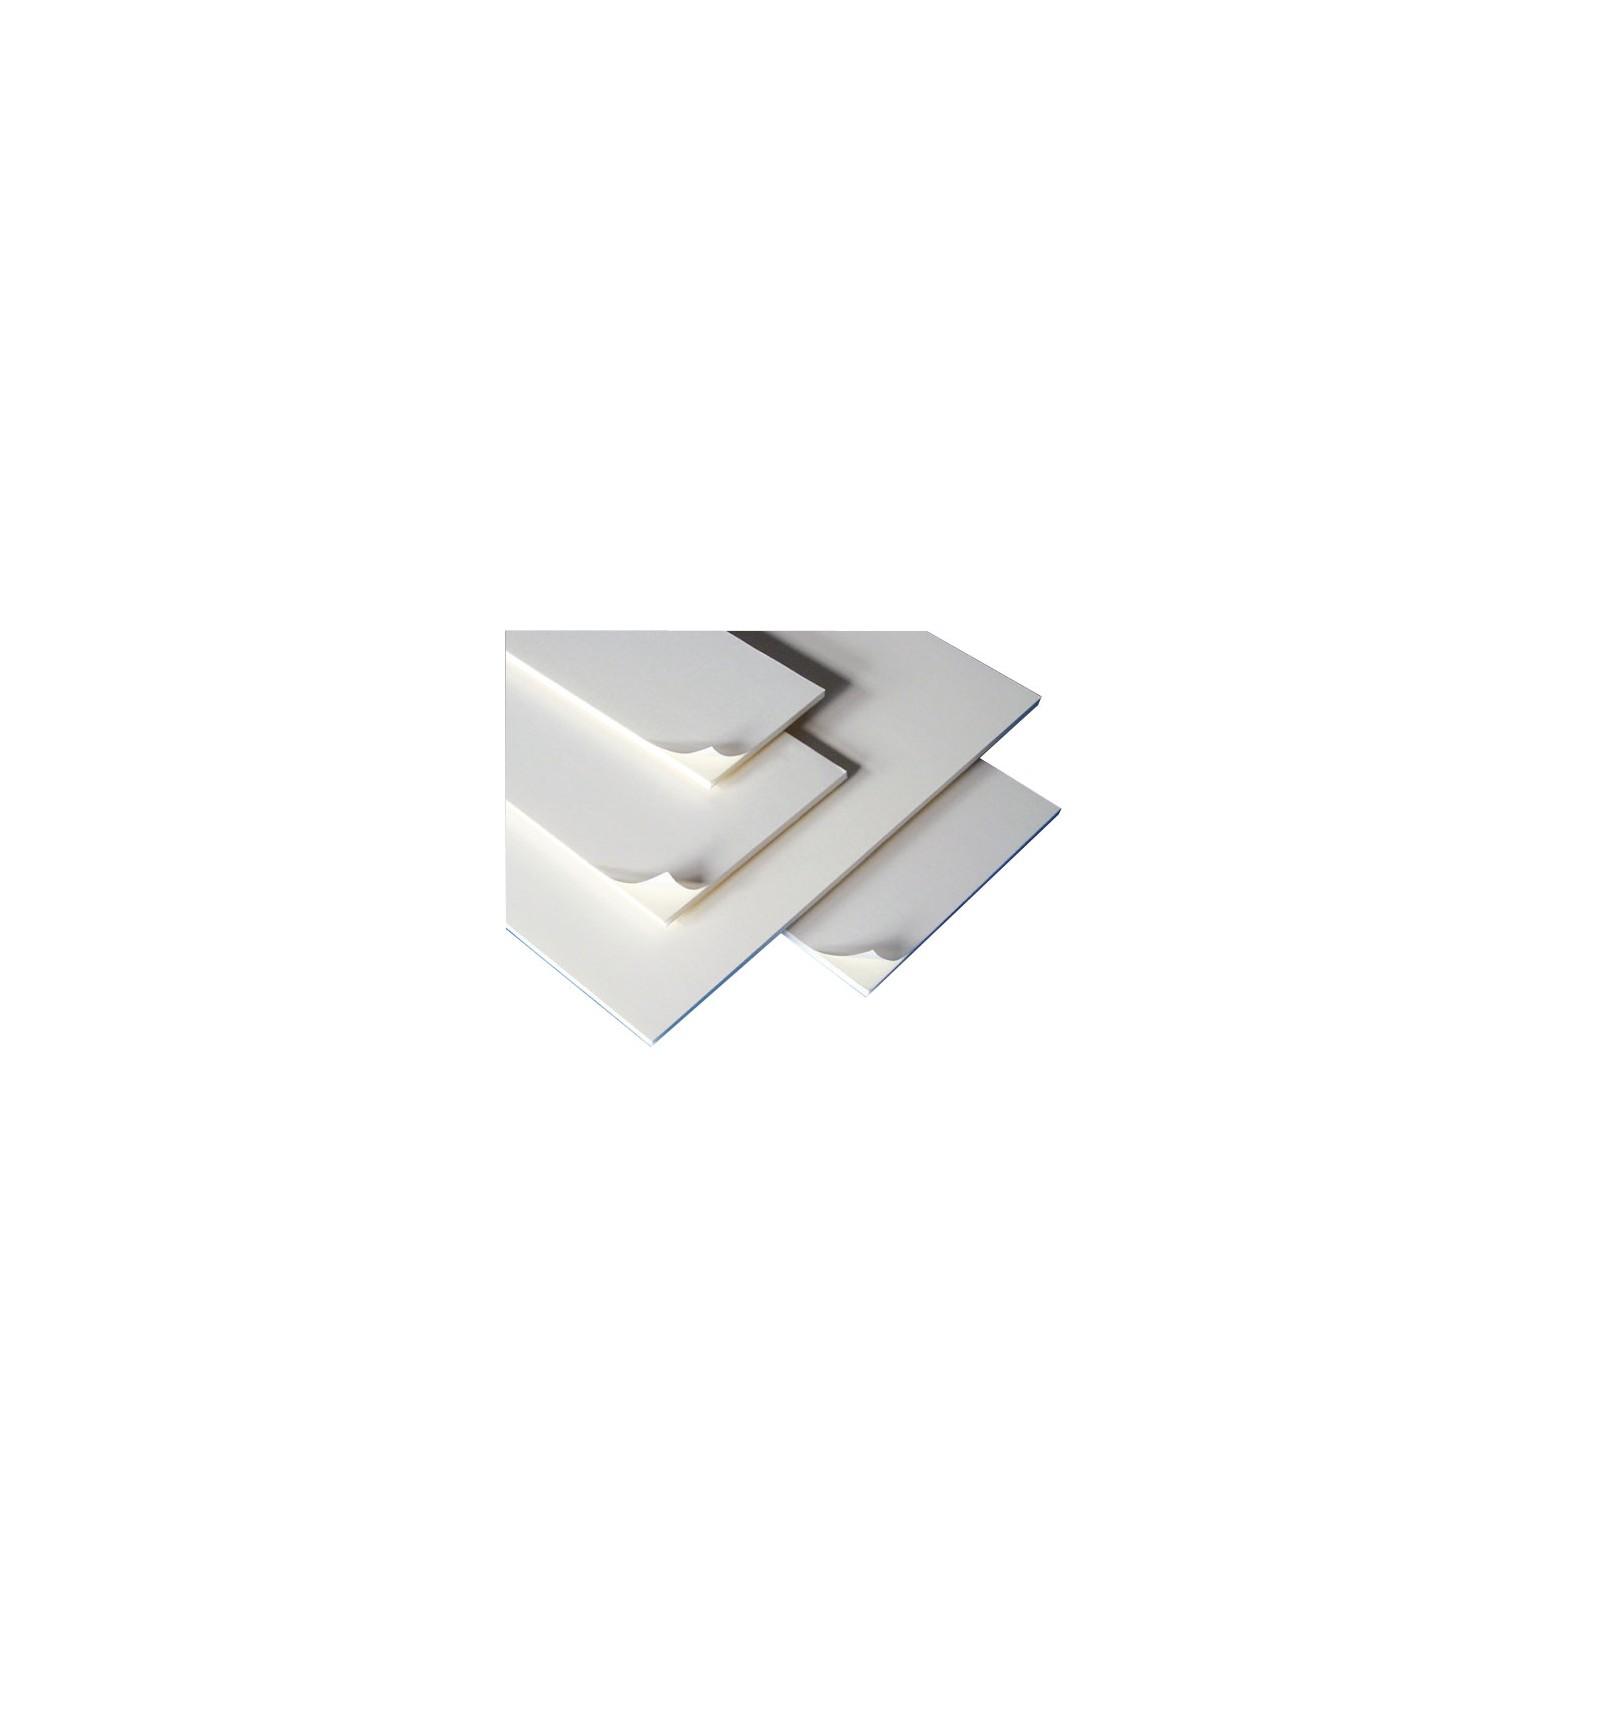 Adesivo Per Vetrai cartone adesivo 80x120 cm, anima in pasta legno,spess.1,6 mm